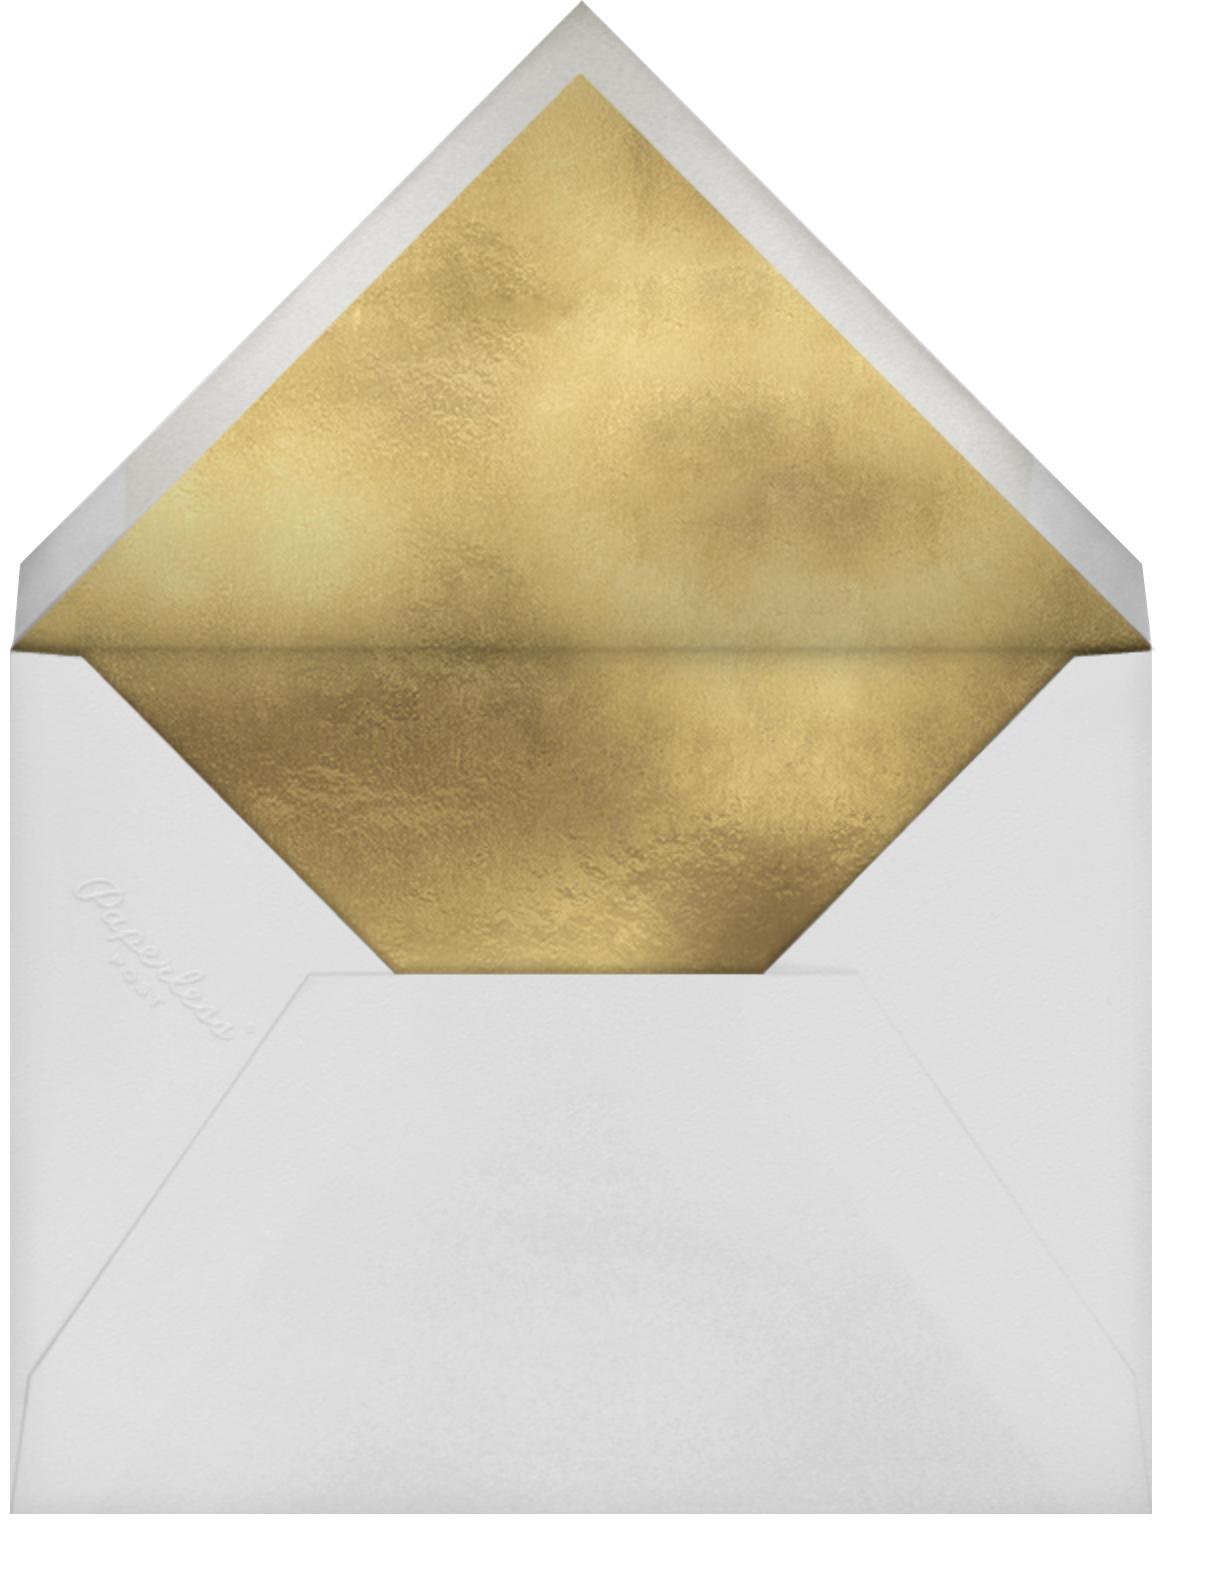 Tilly - White - Paperless Post - Envelope